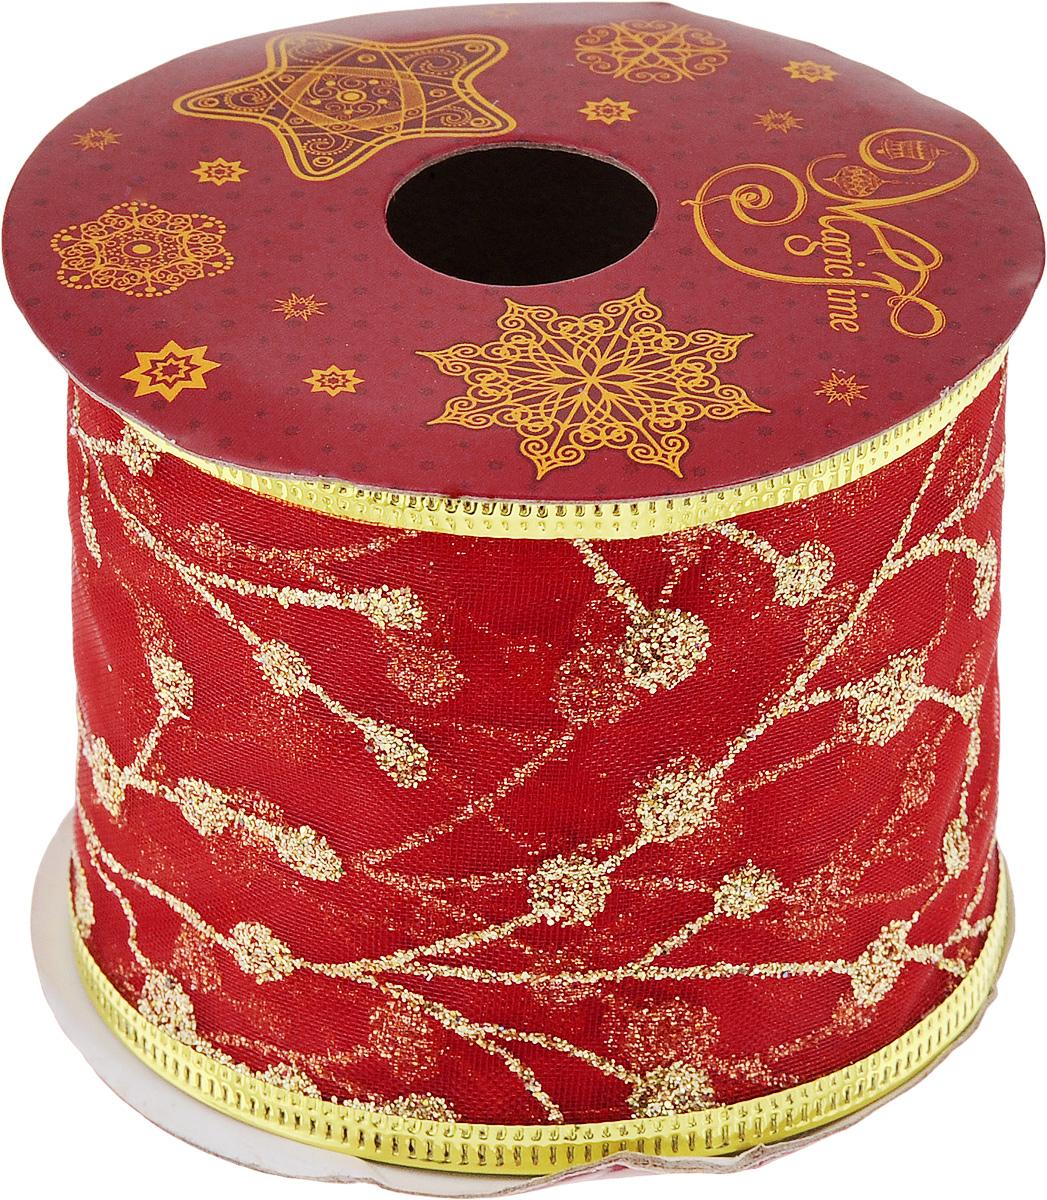 Лента новогодняя Magic Time Золотые ветви, 6,3 см х 2,7 м42803/76224Новогодняя декоративная лента Magic Time Золотые ветви выполненаиз полиэстера. Вкрая ленты вставлена проволока, благодаря чему еелегко фиксировать. Лента предназначена для оформления подарочных коробок,пакетов. Кроме того, декоративная лента с успехом применяется дляхудожественного оформления витрин, праздничногооформления помещений, изготовления искусственных цветов.Декоративная лента украсит интерьер вашего дома к праздникам.Ширина ленты: 6,3 см.